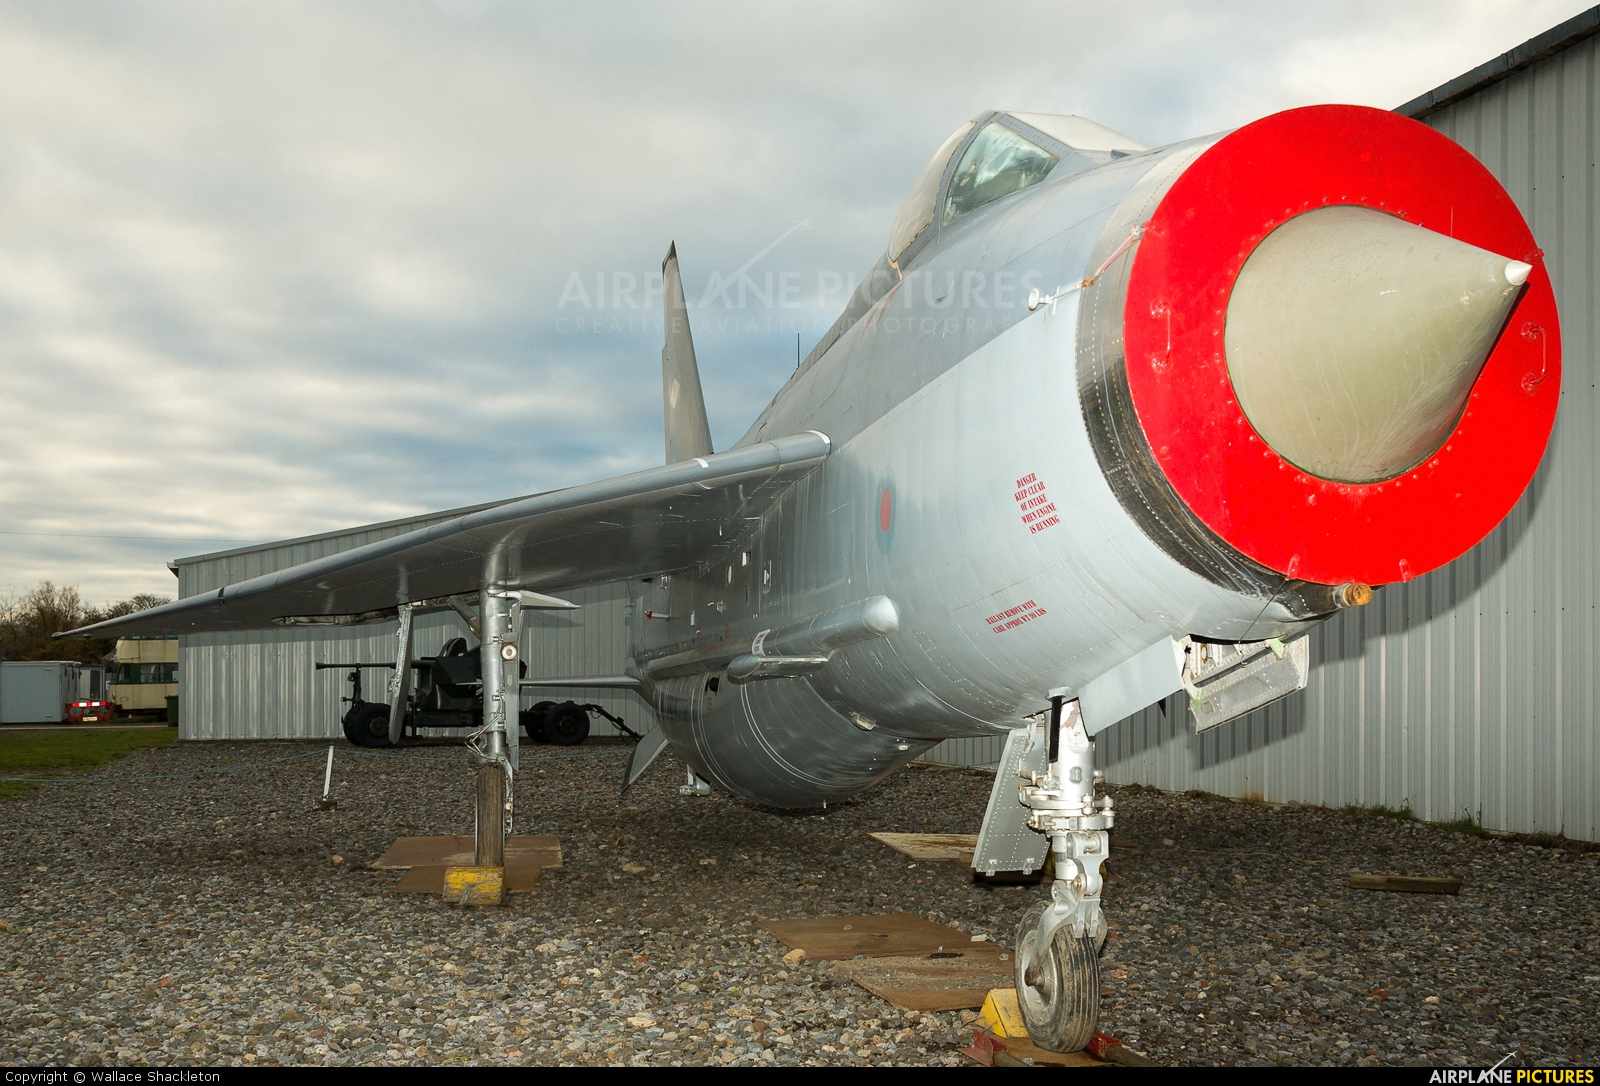 Saudi Arabia - Air Force 53-696 aircraft at Sunderland